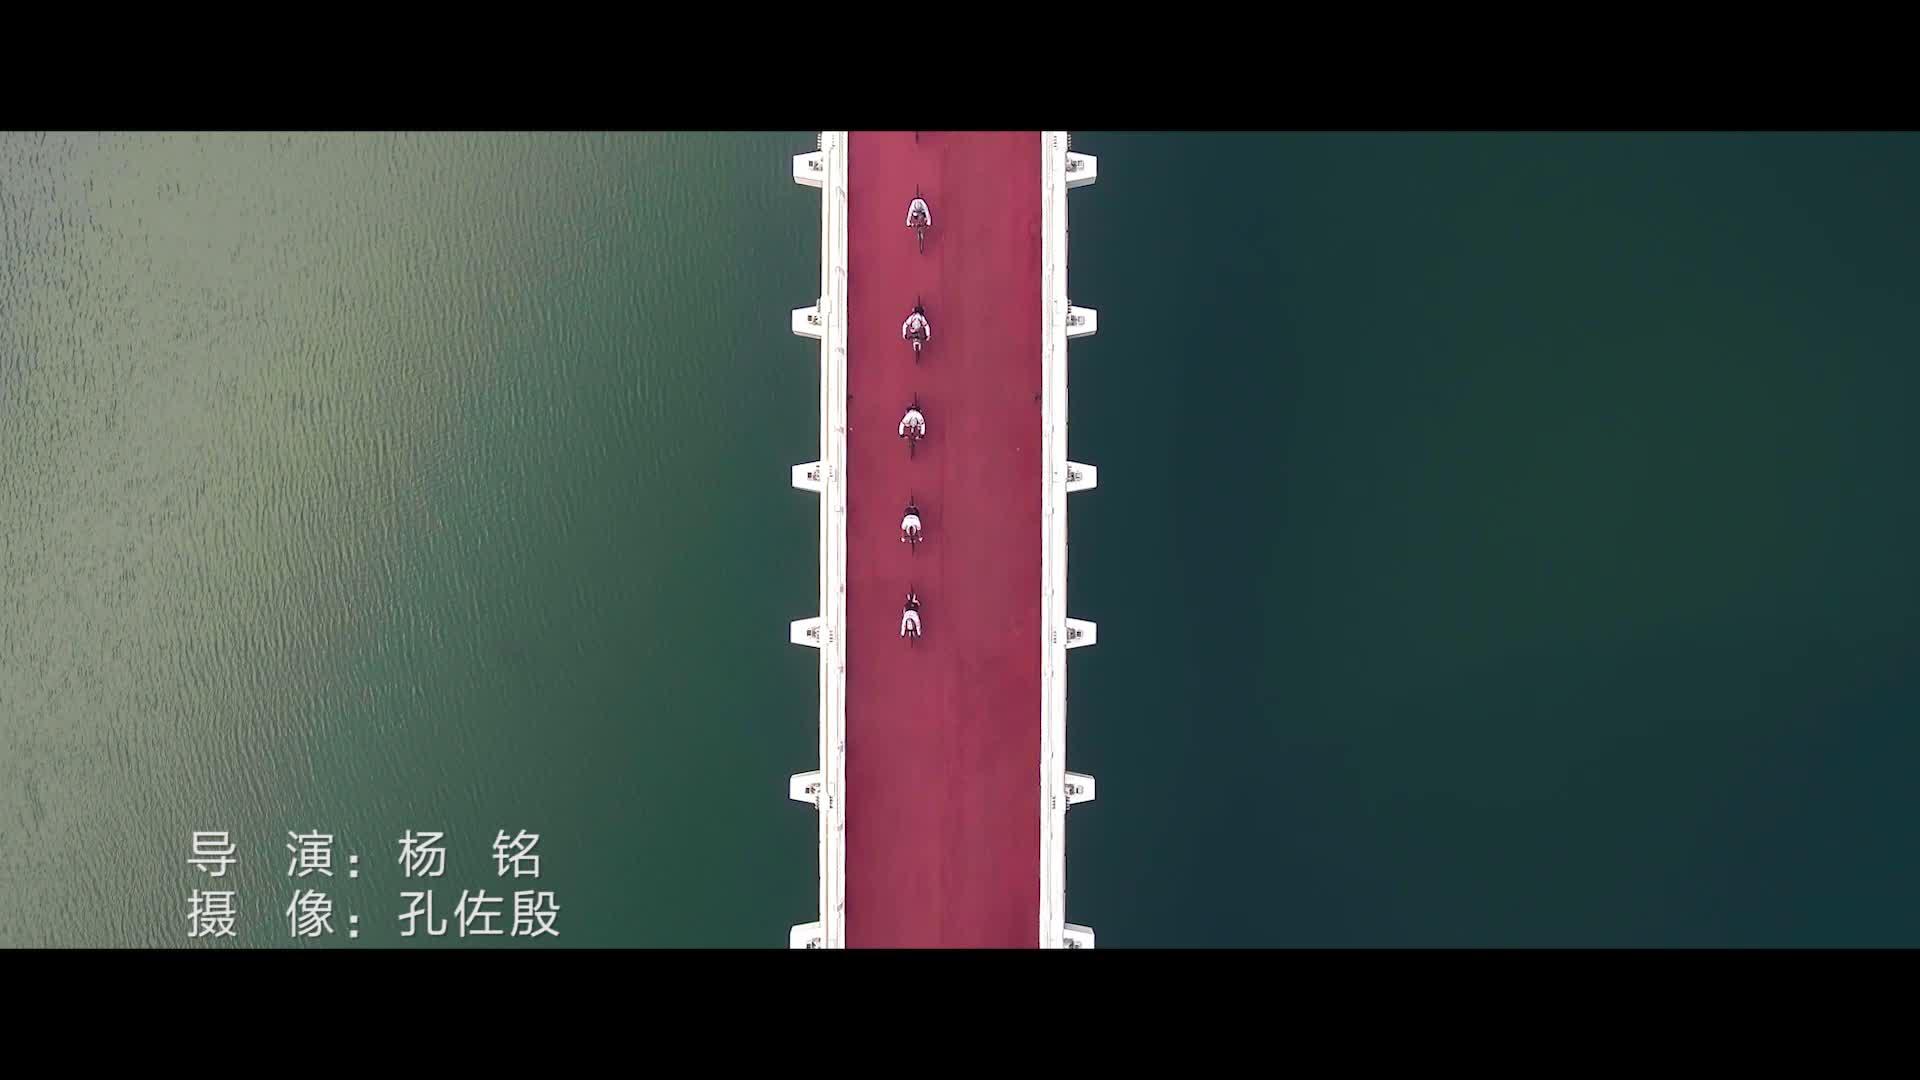 千岛湖官方曲目《千岛之湖》MV新歌首发